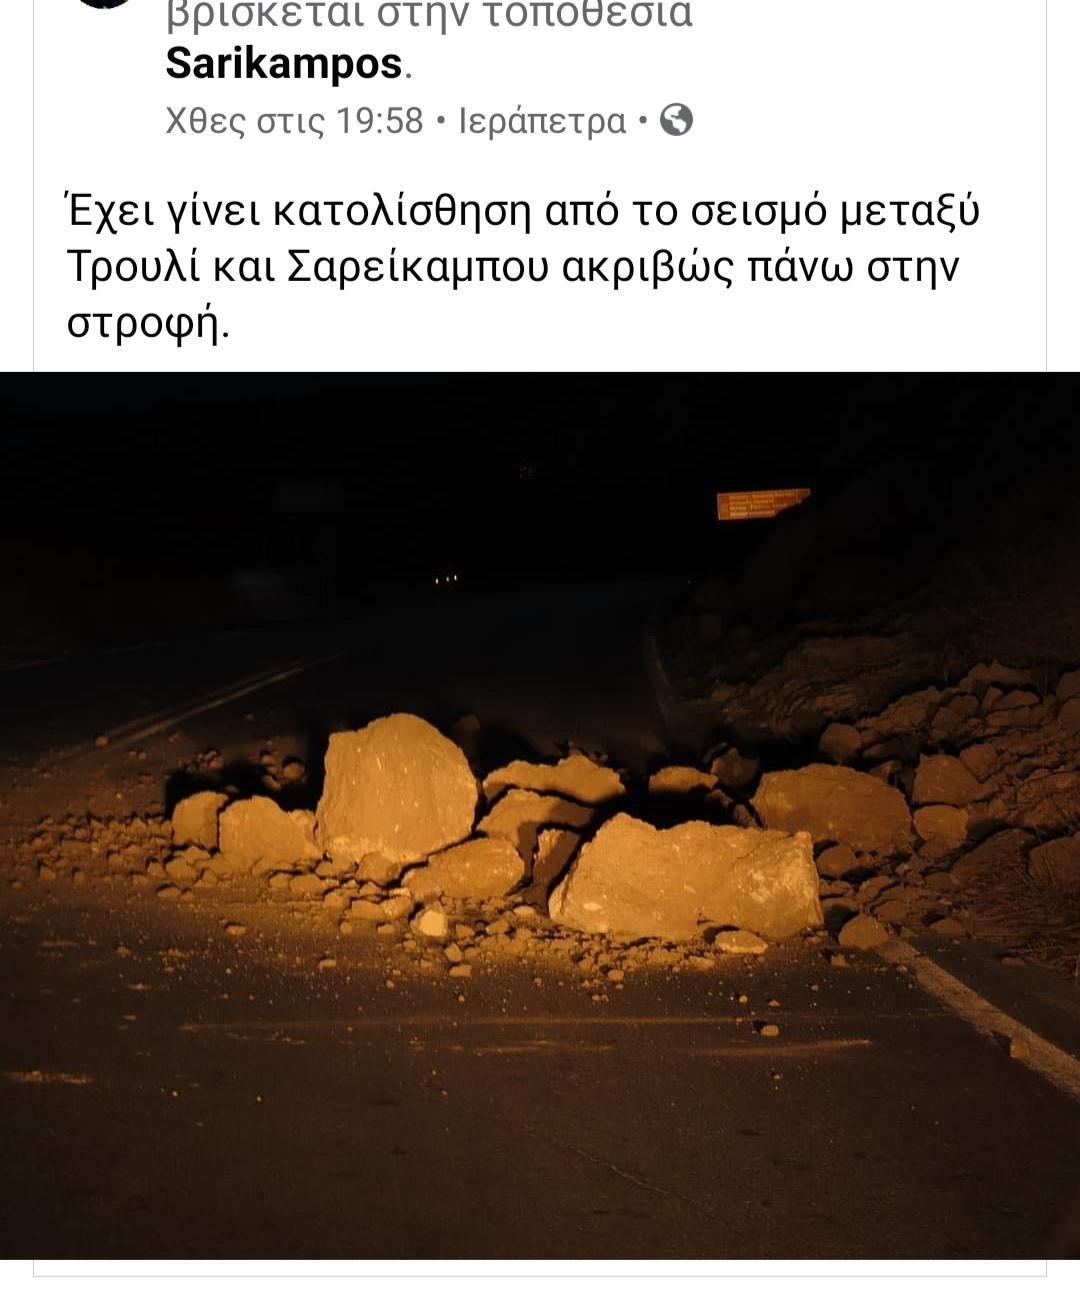 Ο σεισμός έφερε κατολισθήσεις